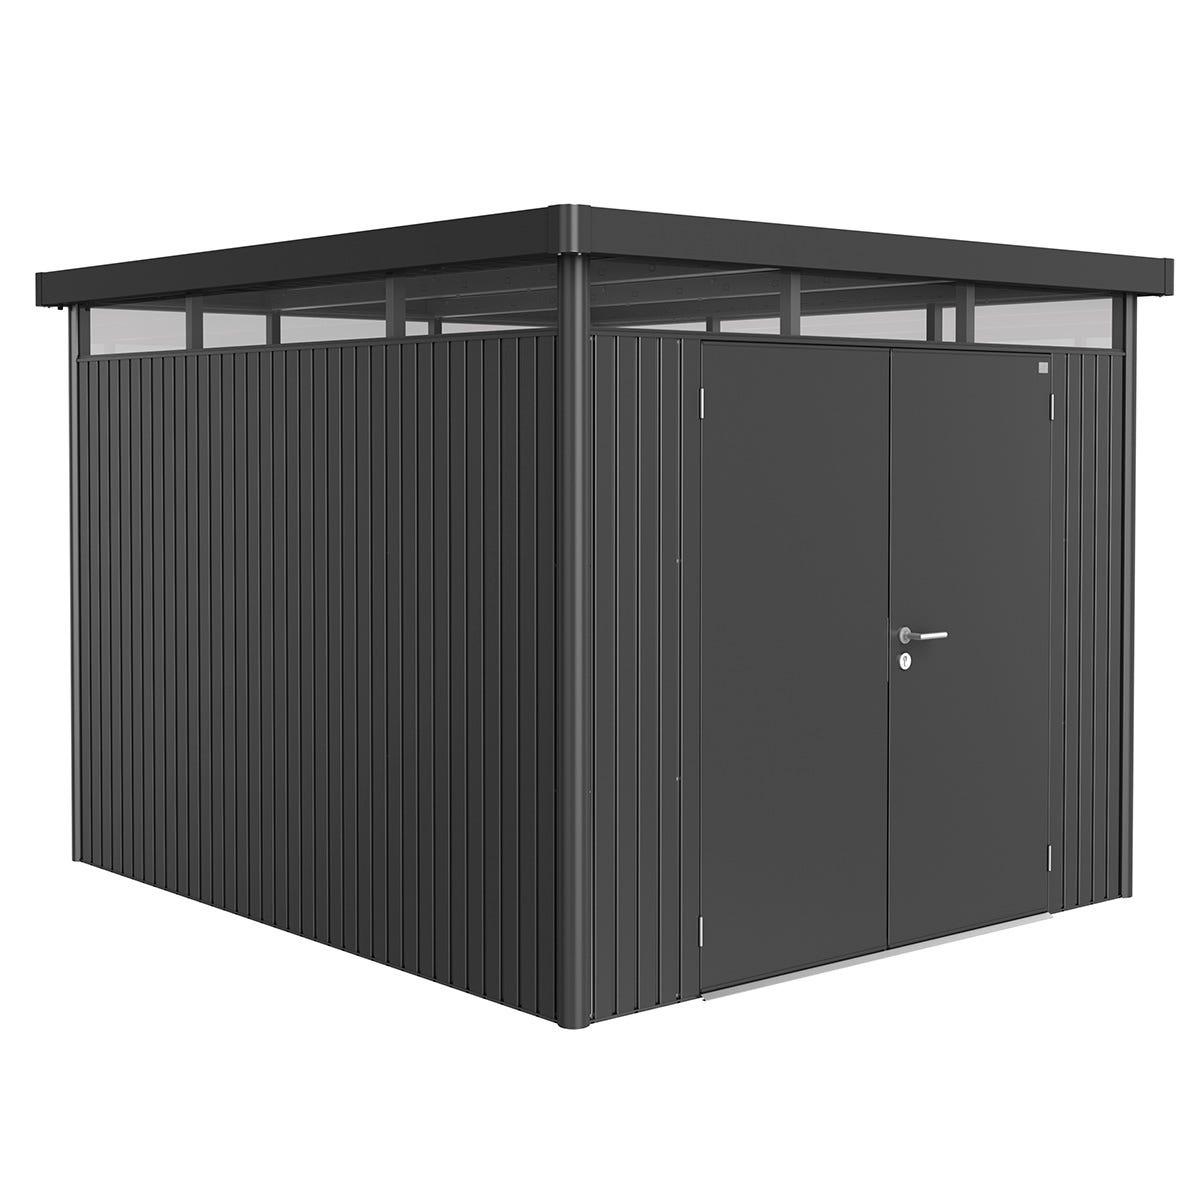 Biohort Highline Metal Shed H5 Double door 9 x 10 - Dark Grey